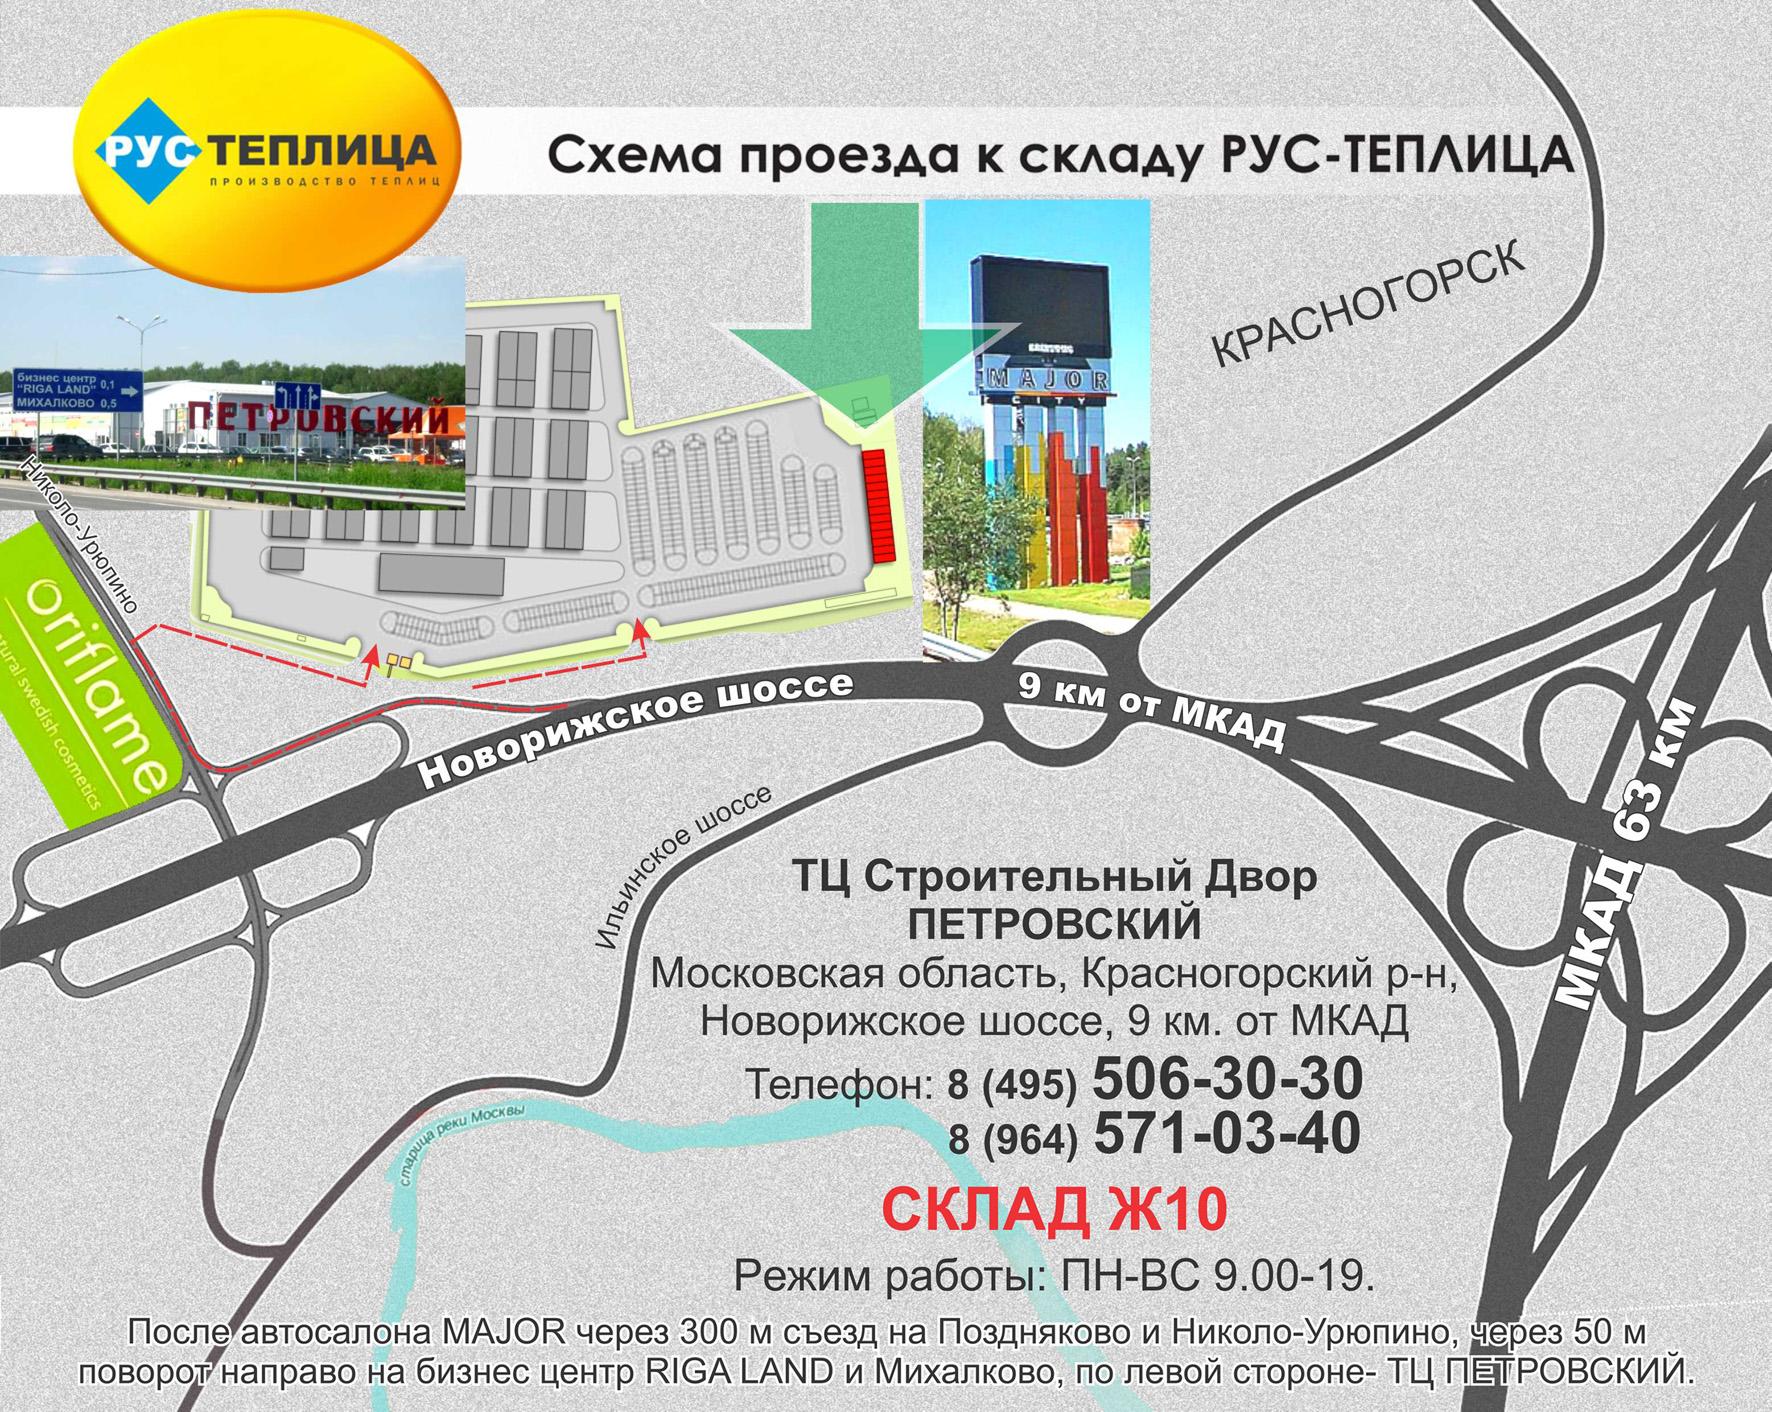 Схема проезда до петровского строительного рынка